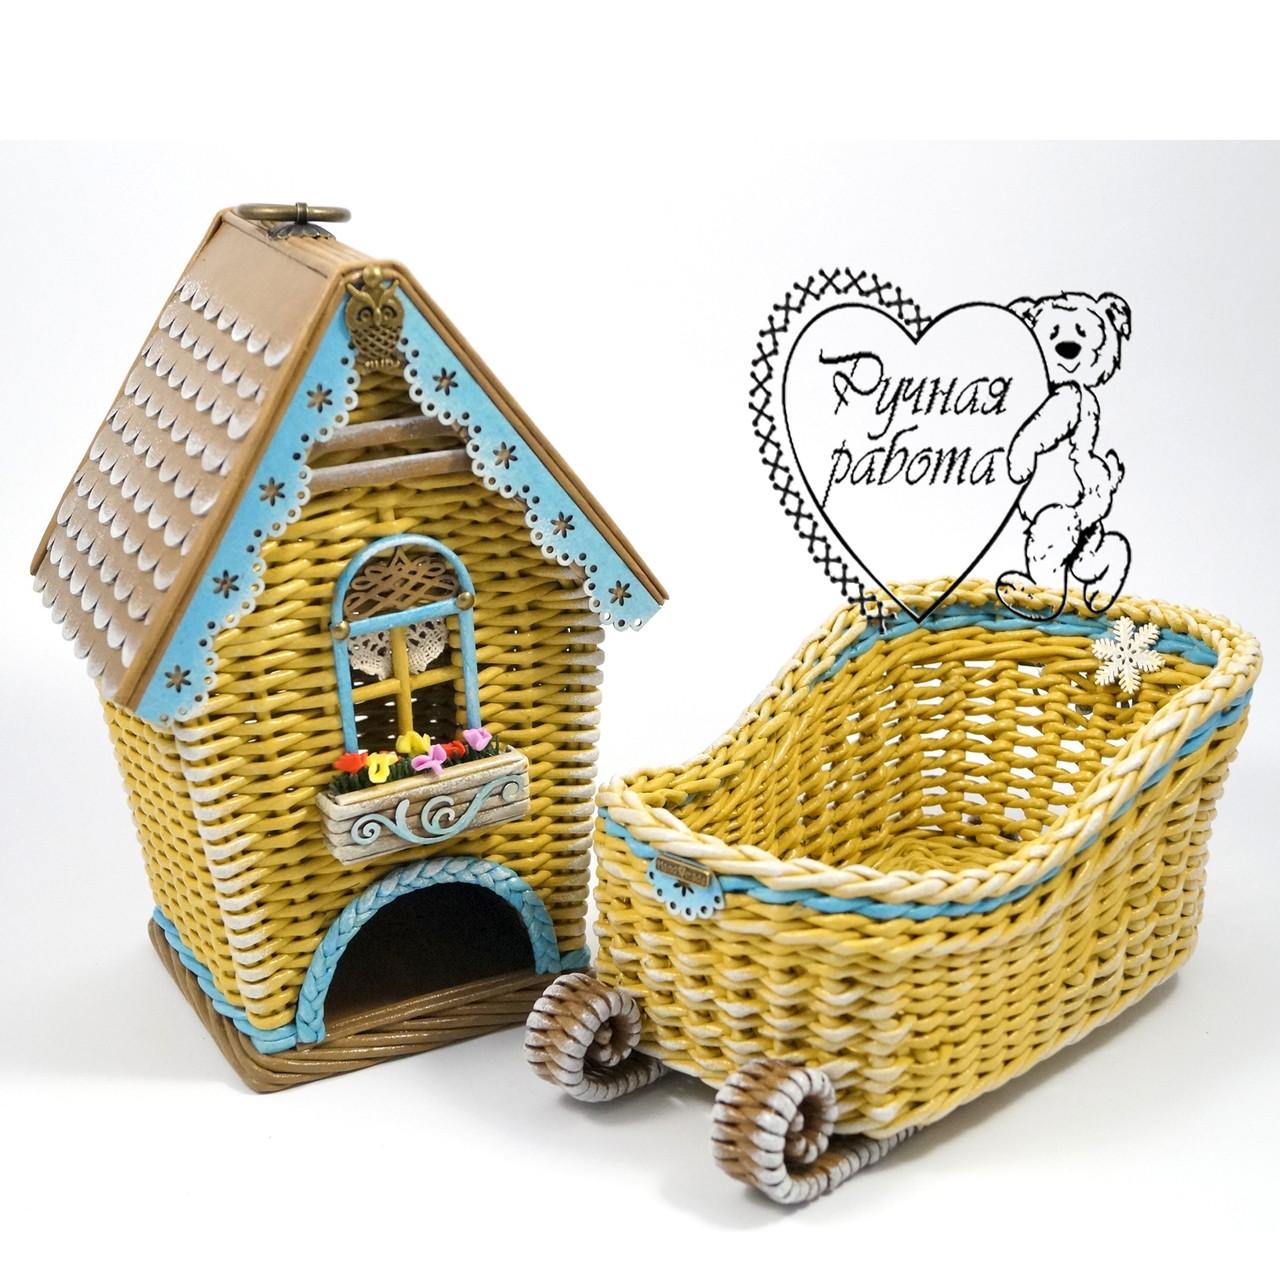 Новорічний плетений набір чайний будиночок і цукерниця Сани ручної роботи